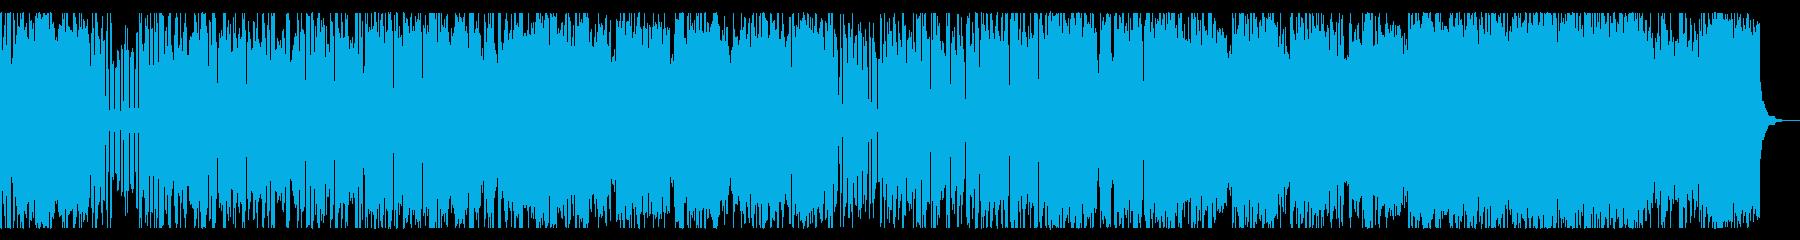 軽快、クールなチップチューンの再生済みの波形